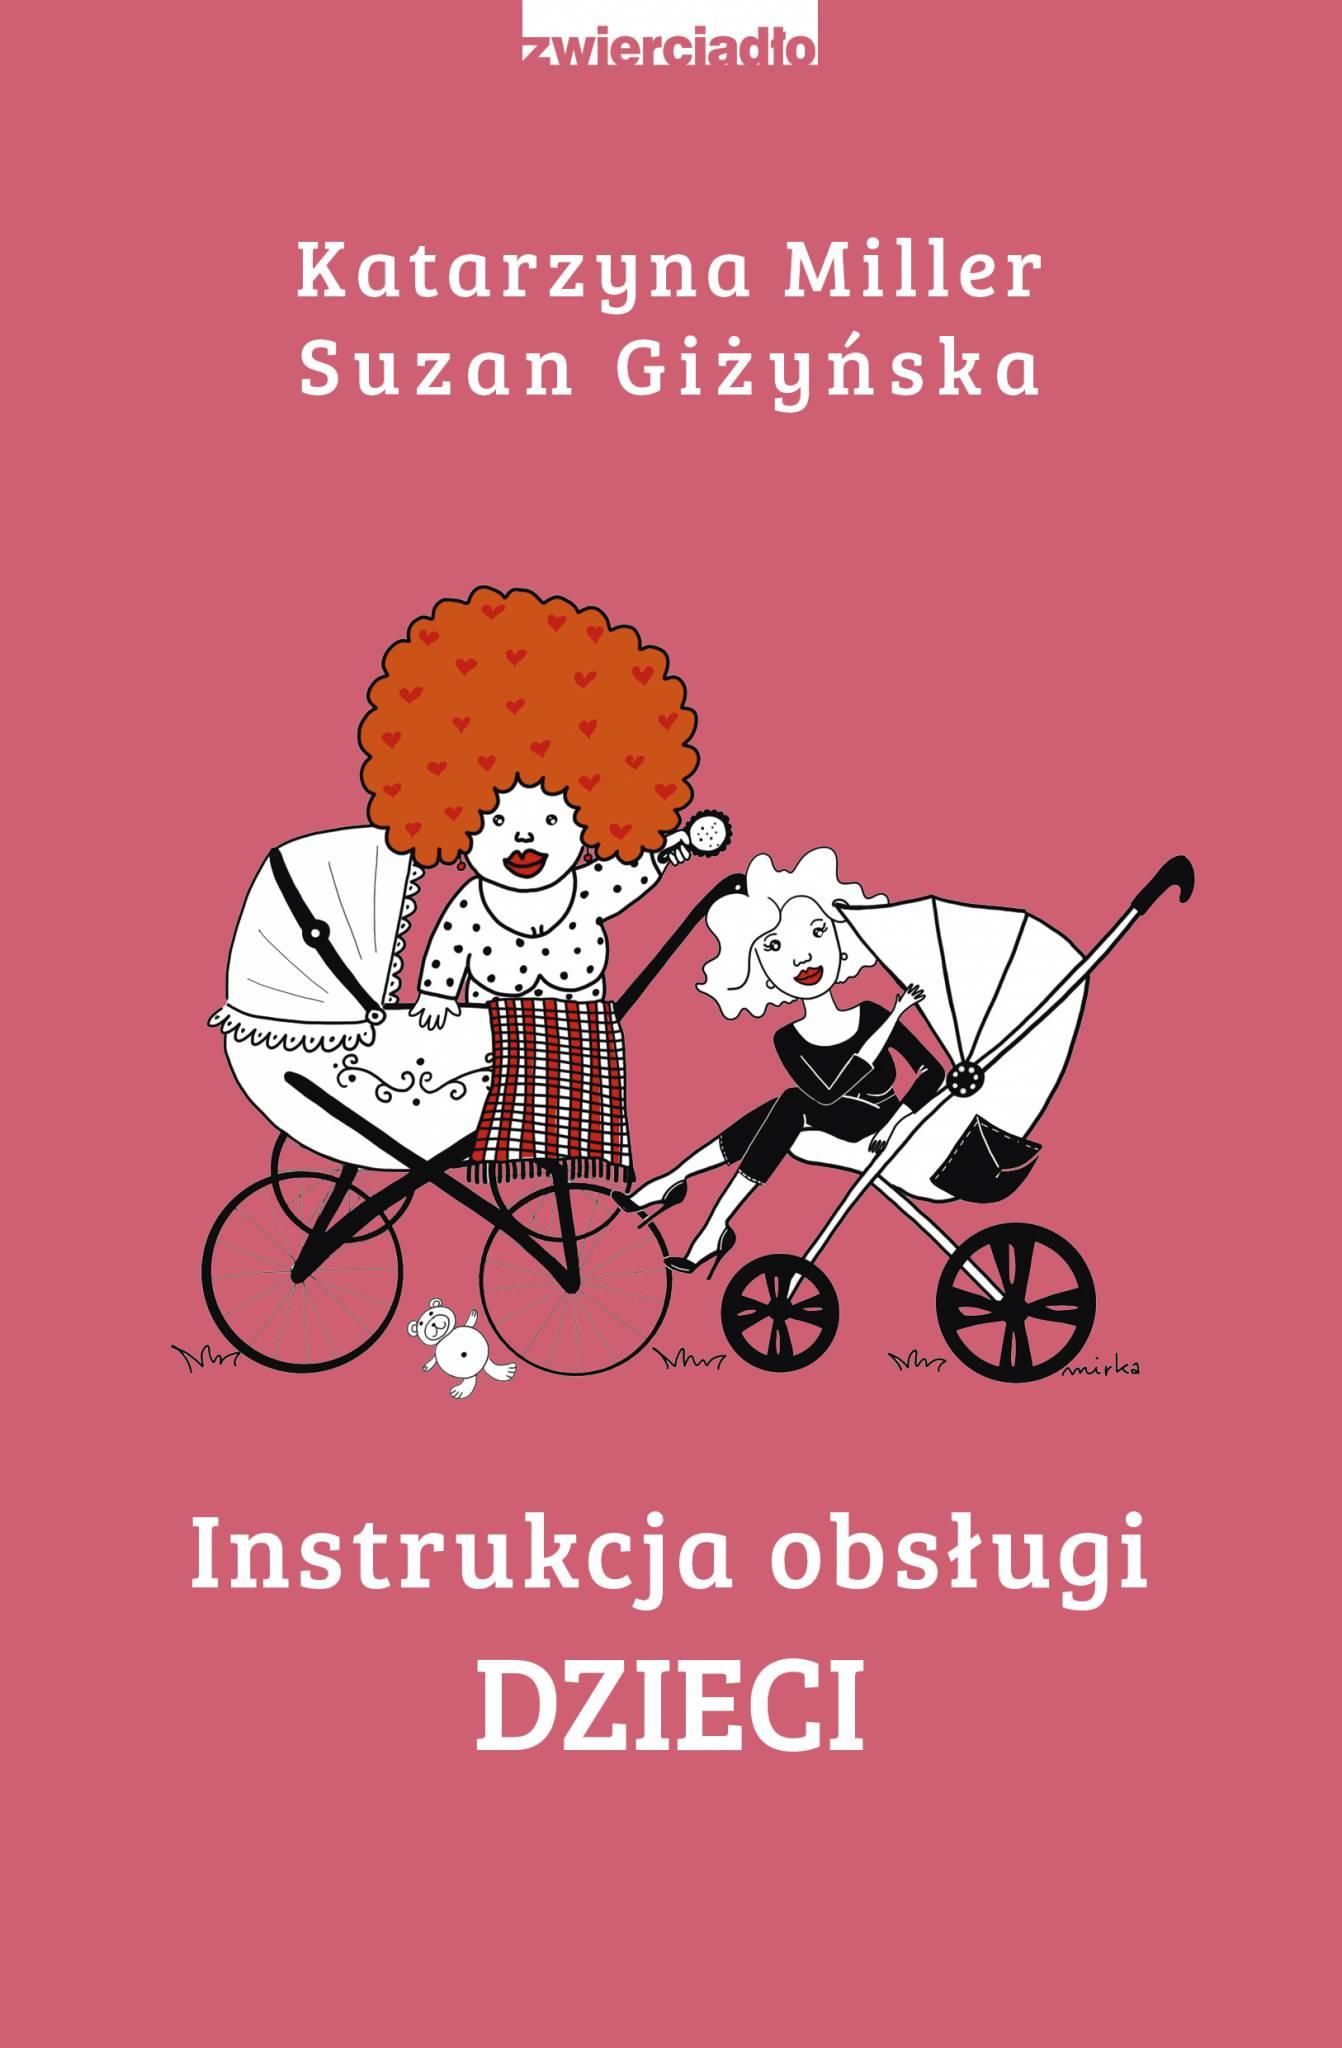 Instrukcja obsługi dzieci